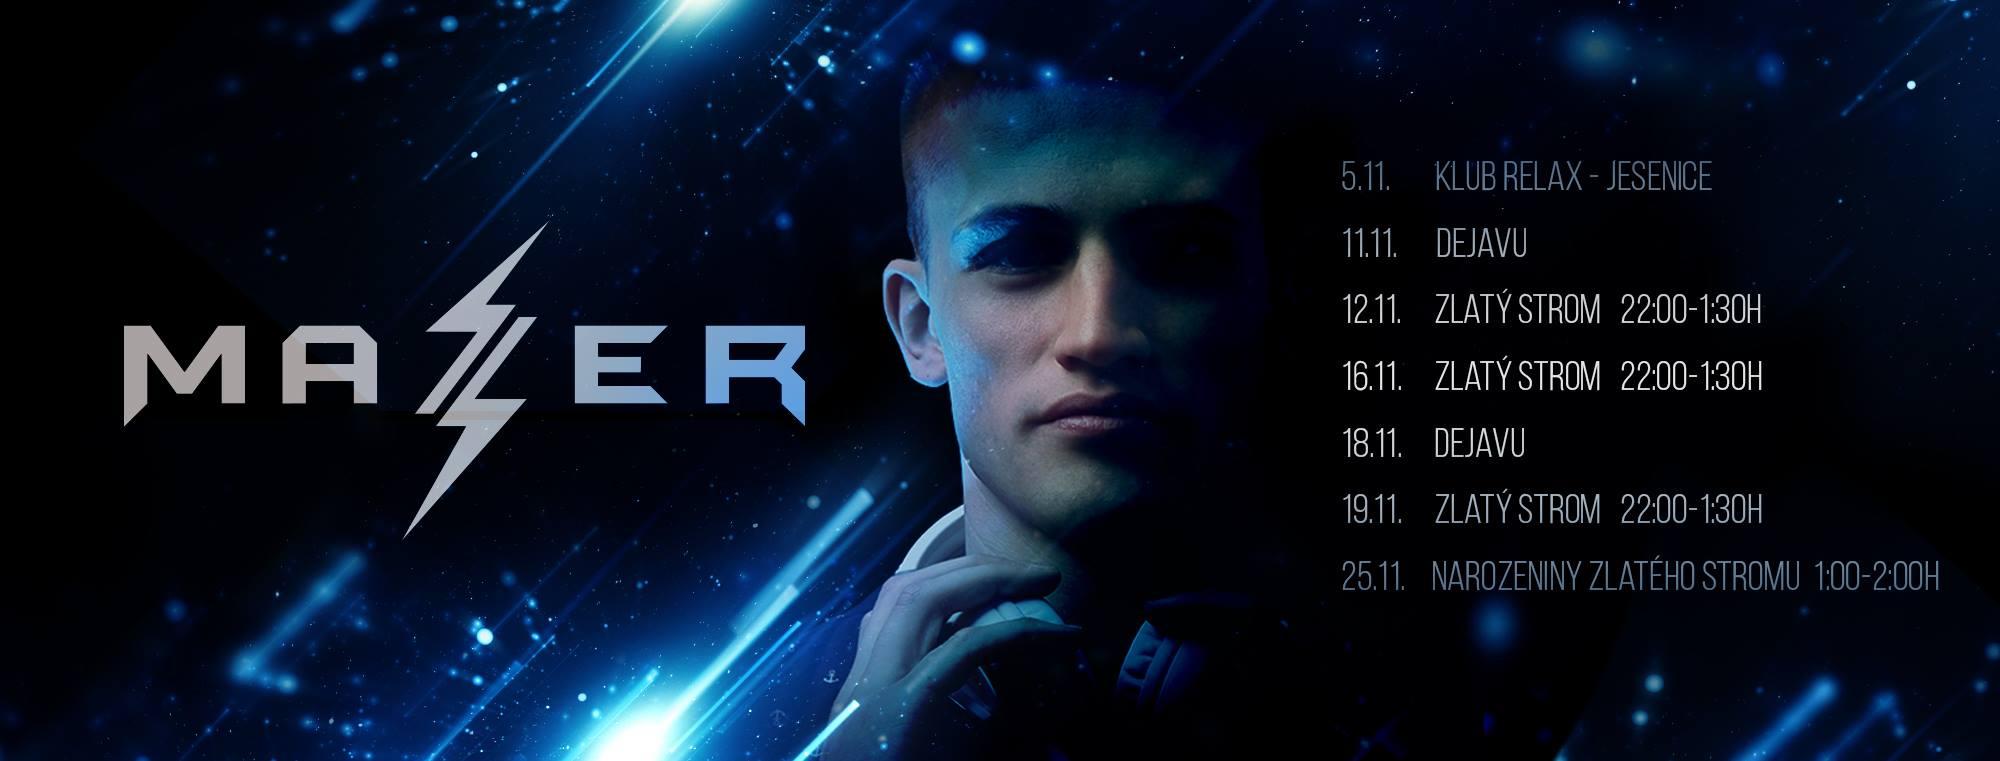 DJ Mazer